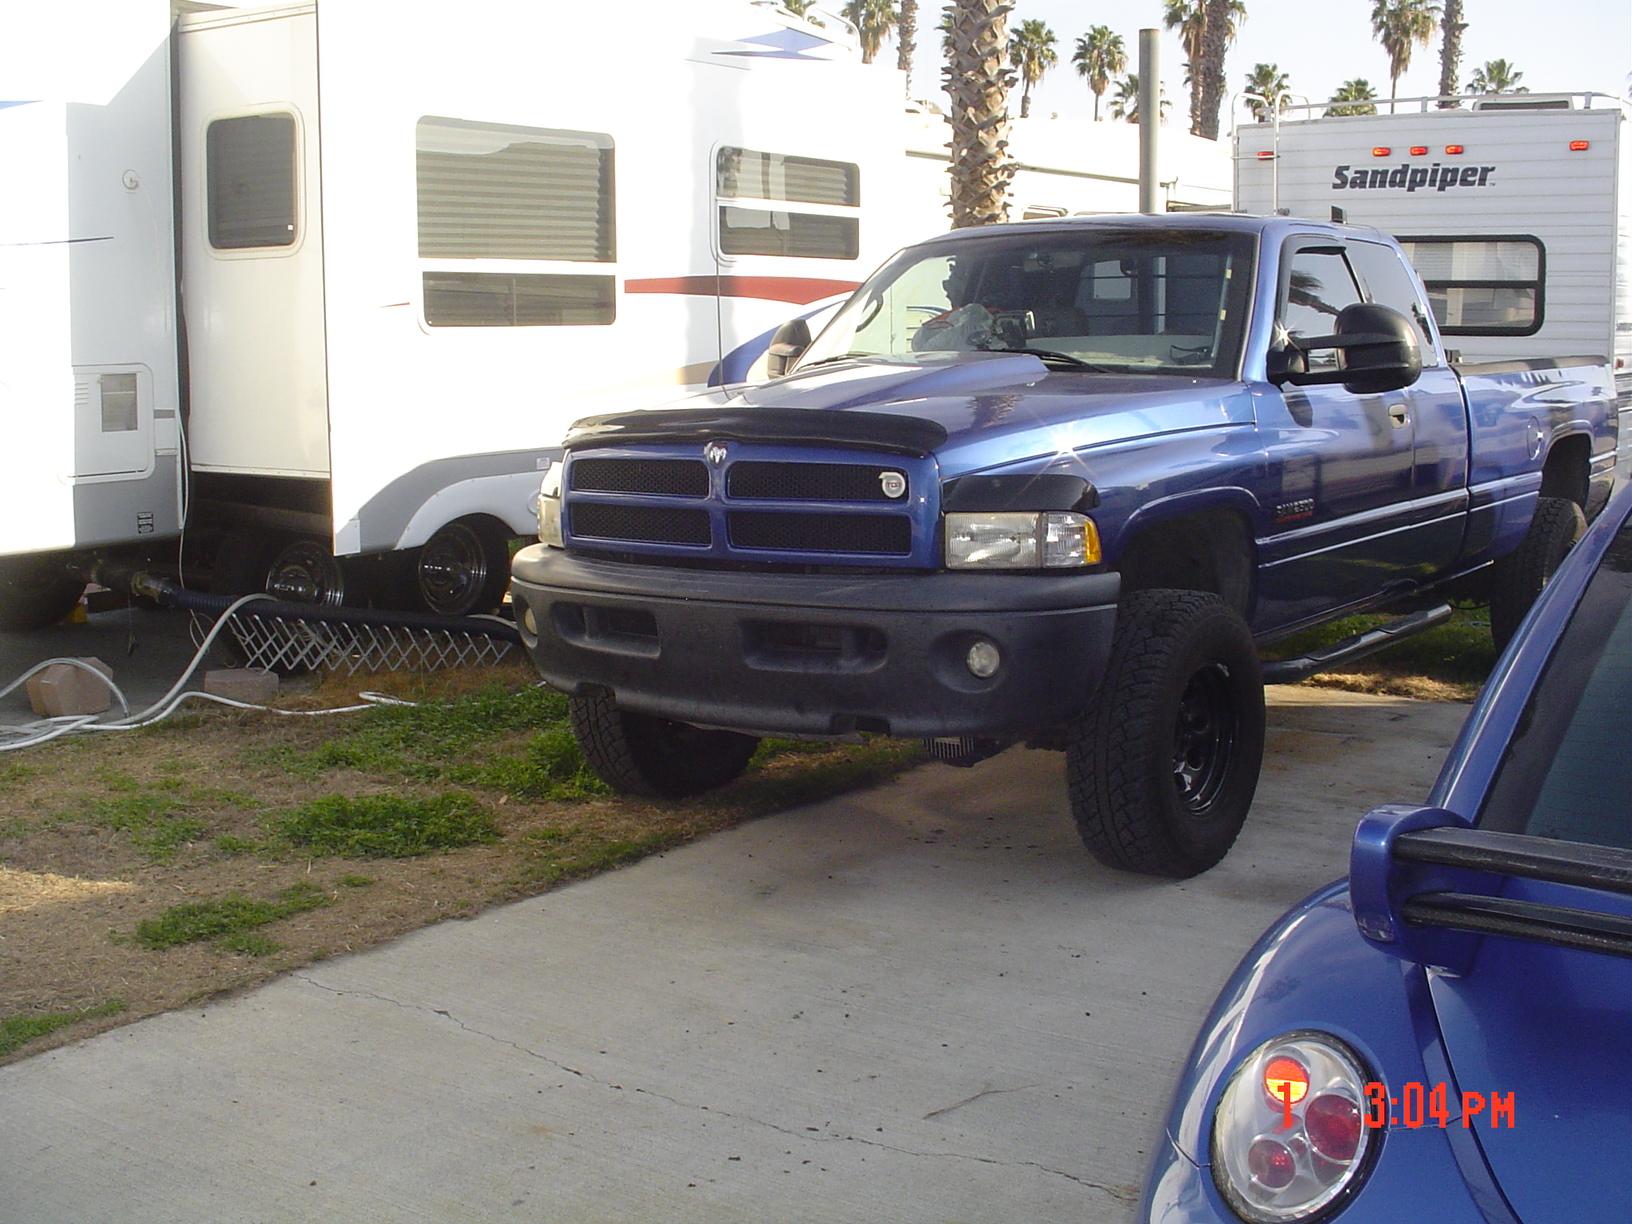 Slt To Sport Bumper Conversion Dodge Cummins Diesel Forum